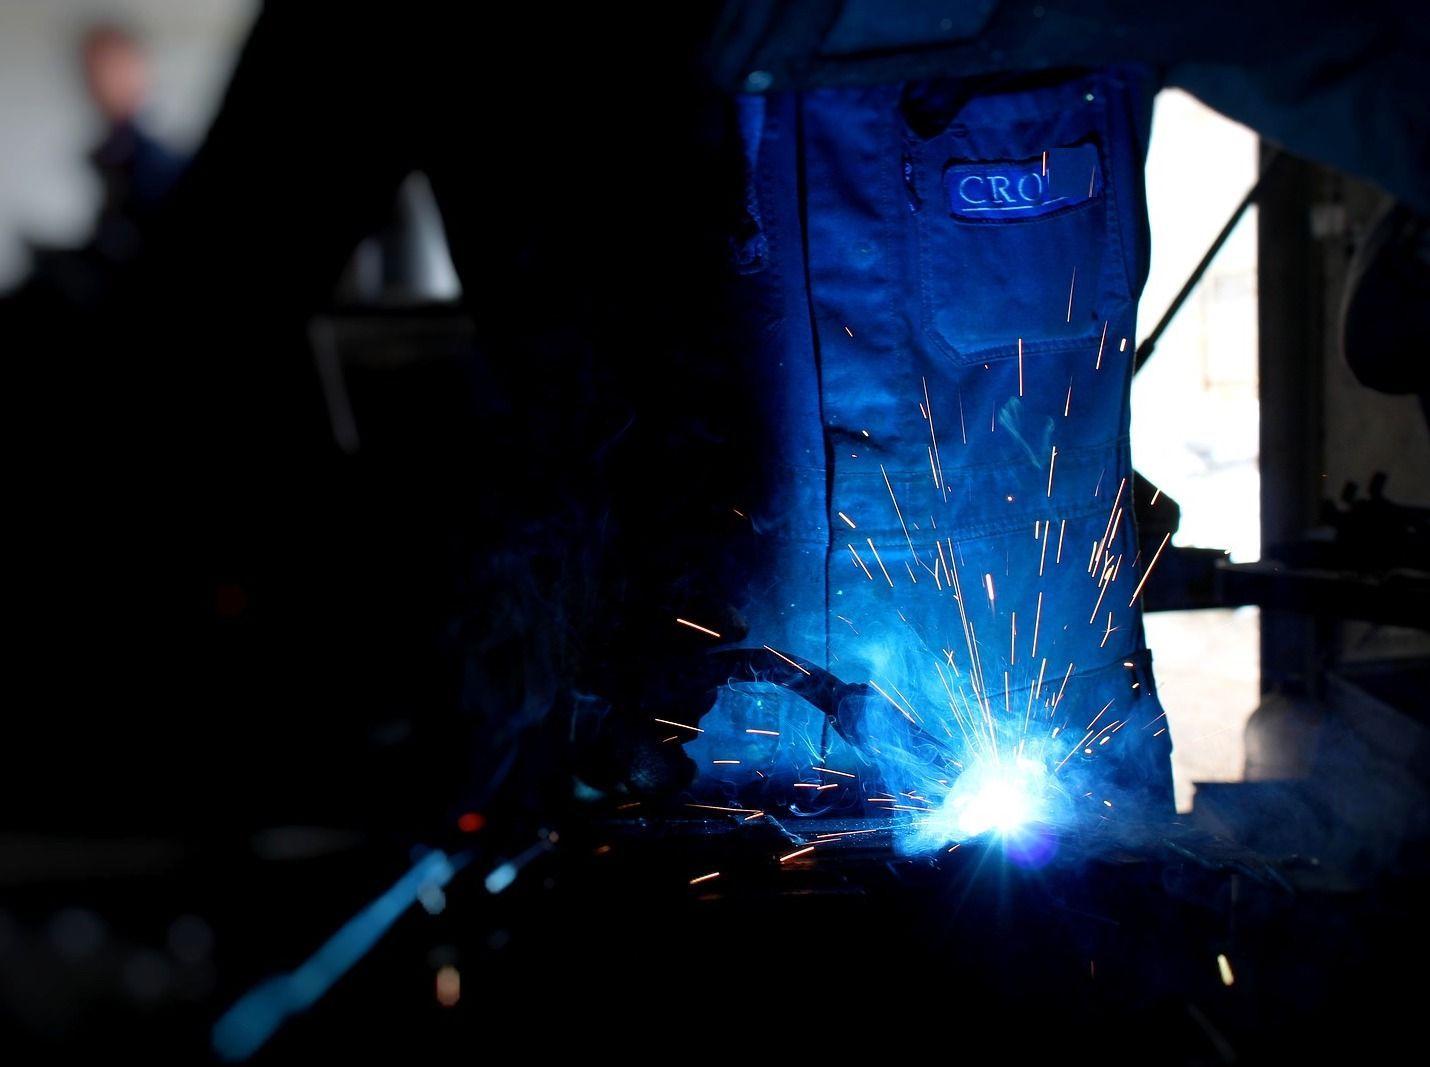 Imprenditore non trova operai: 'I giovani mi dicono che la sera fanno tardi'